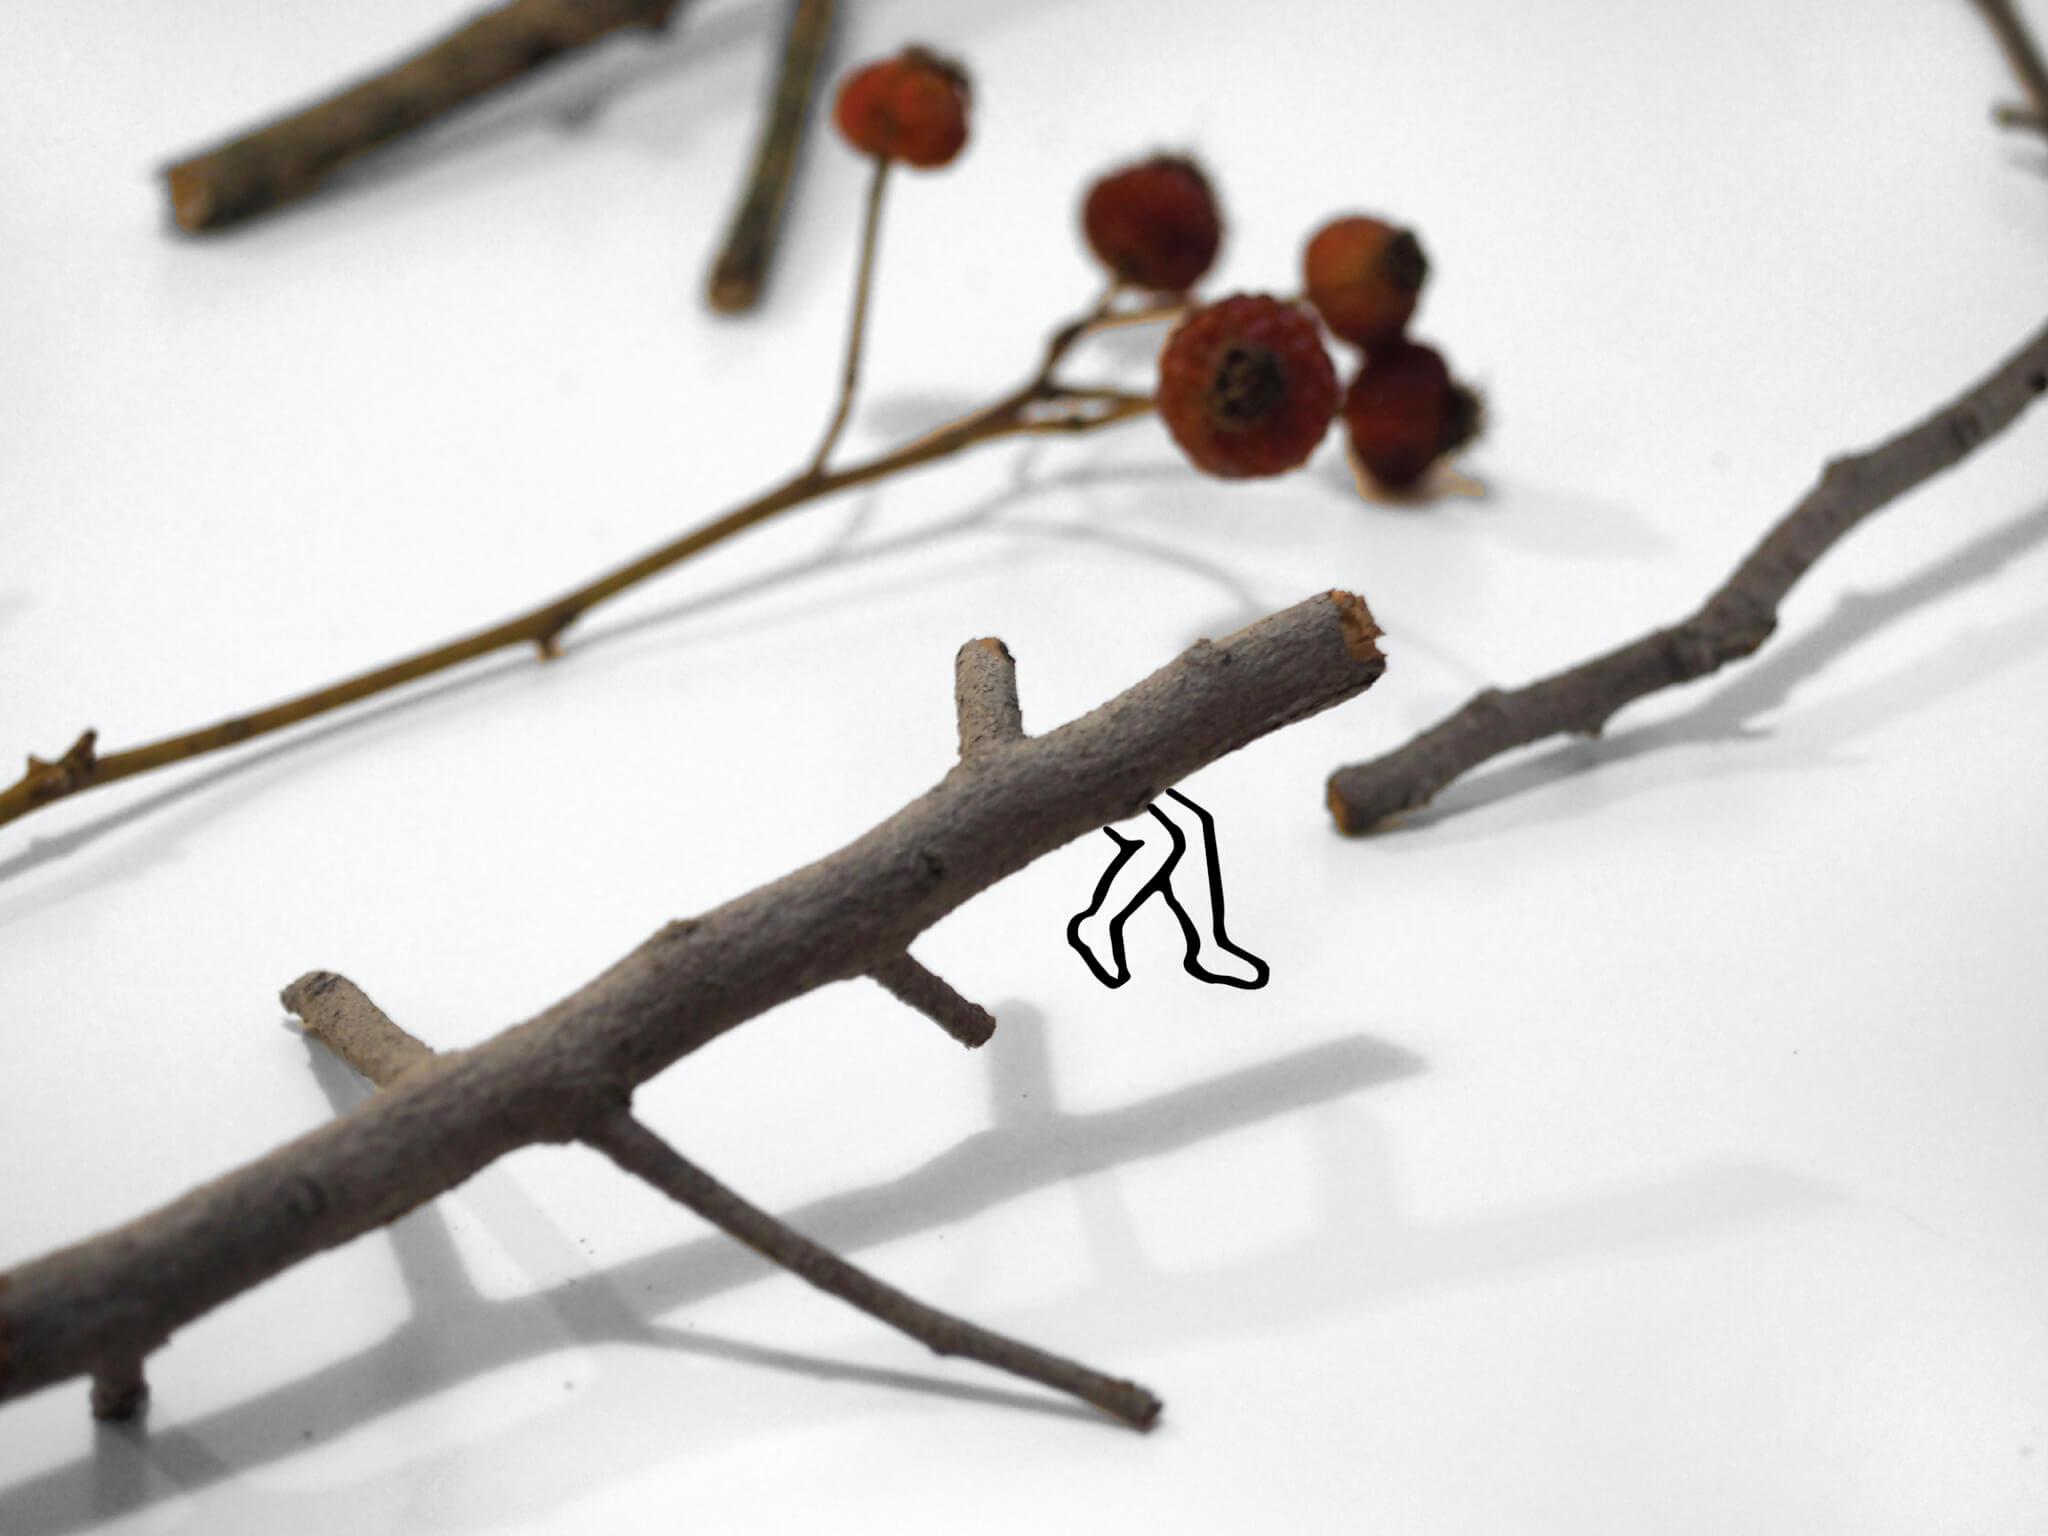 UUendy為石頭、樹枝和樹葉賦予人的性格同想法,令讀者更容易代入。